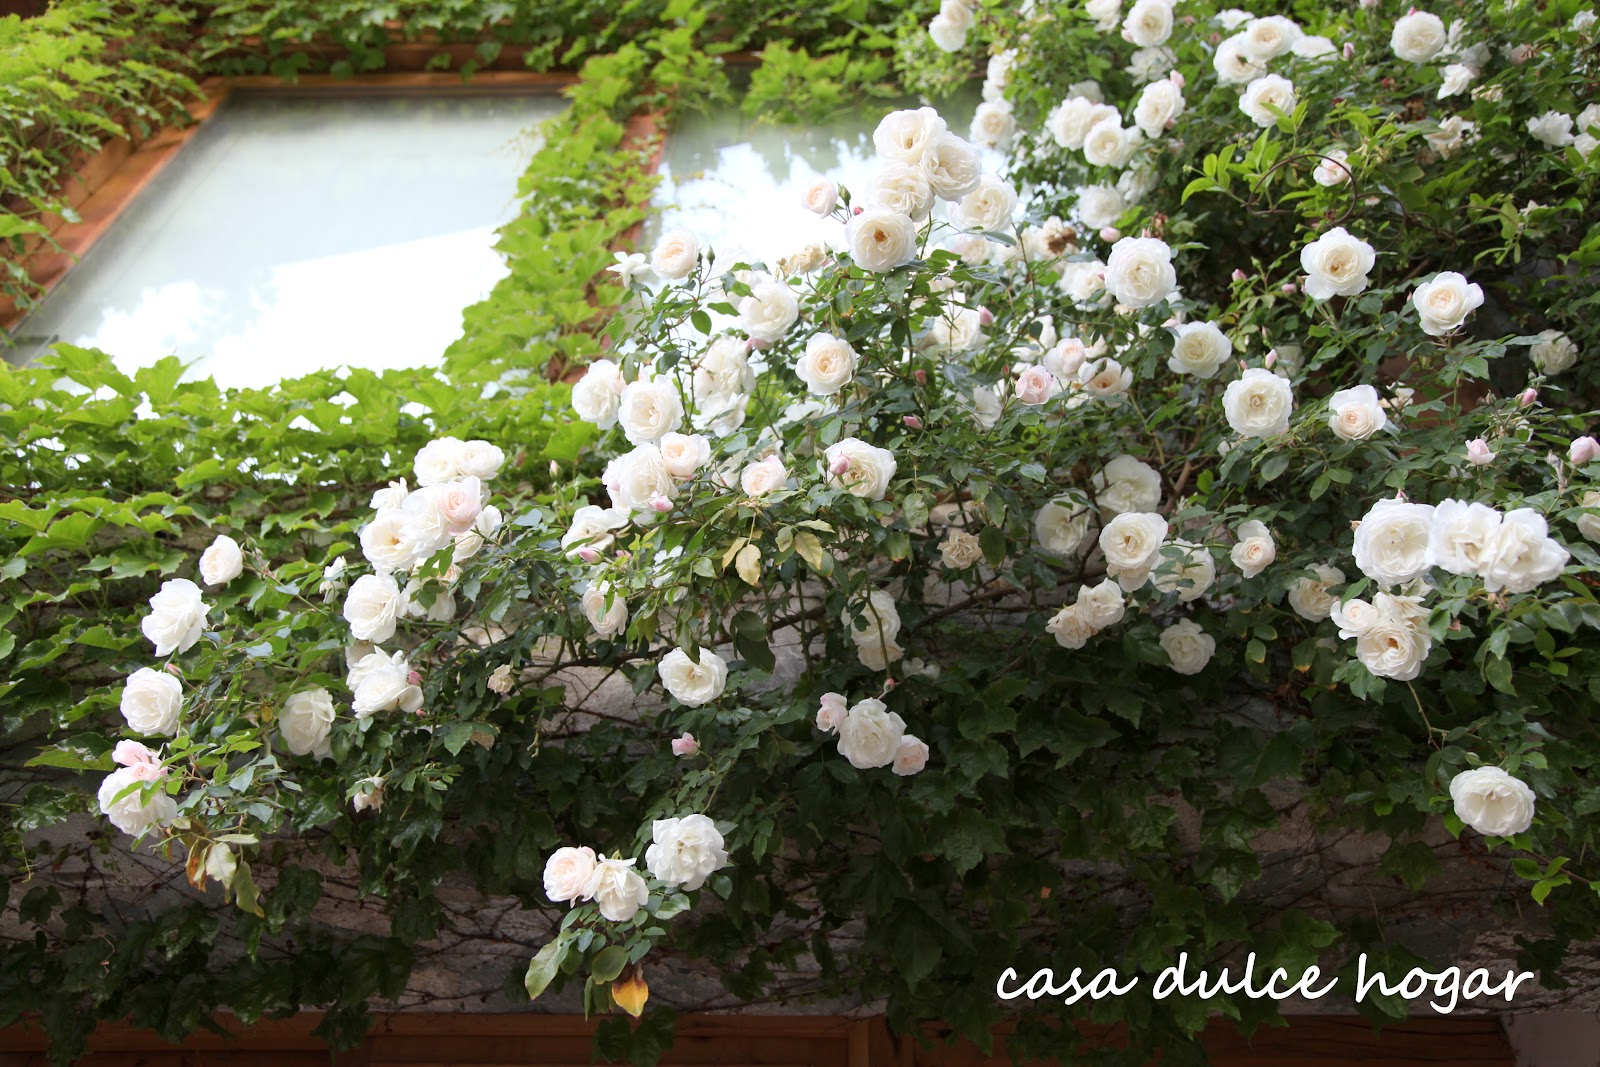 Fotos de rosas rojas y blancas de jardin photos of for Figuras para jardin